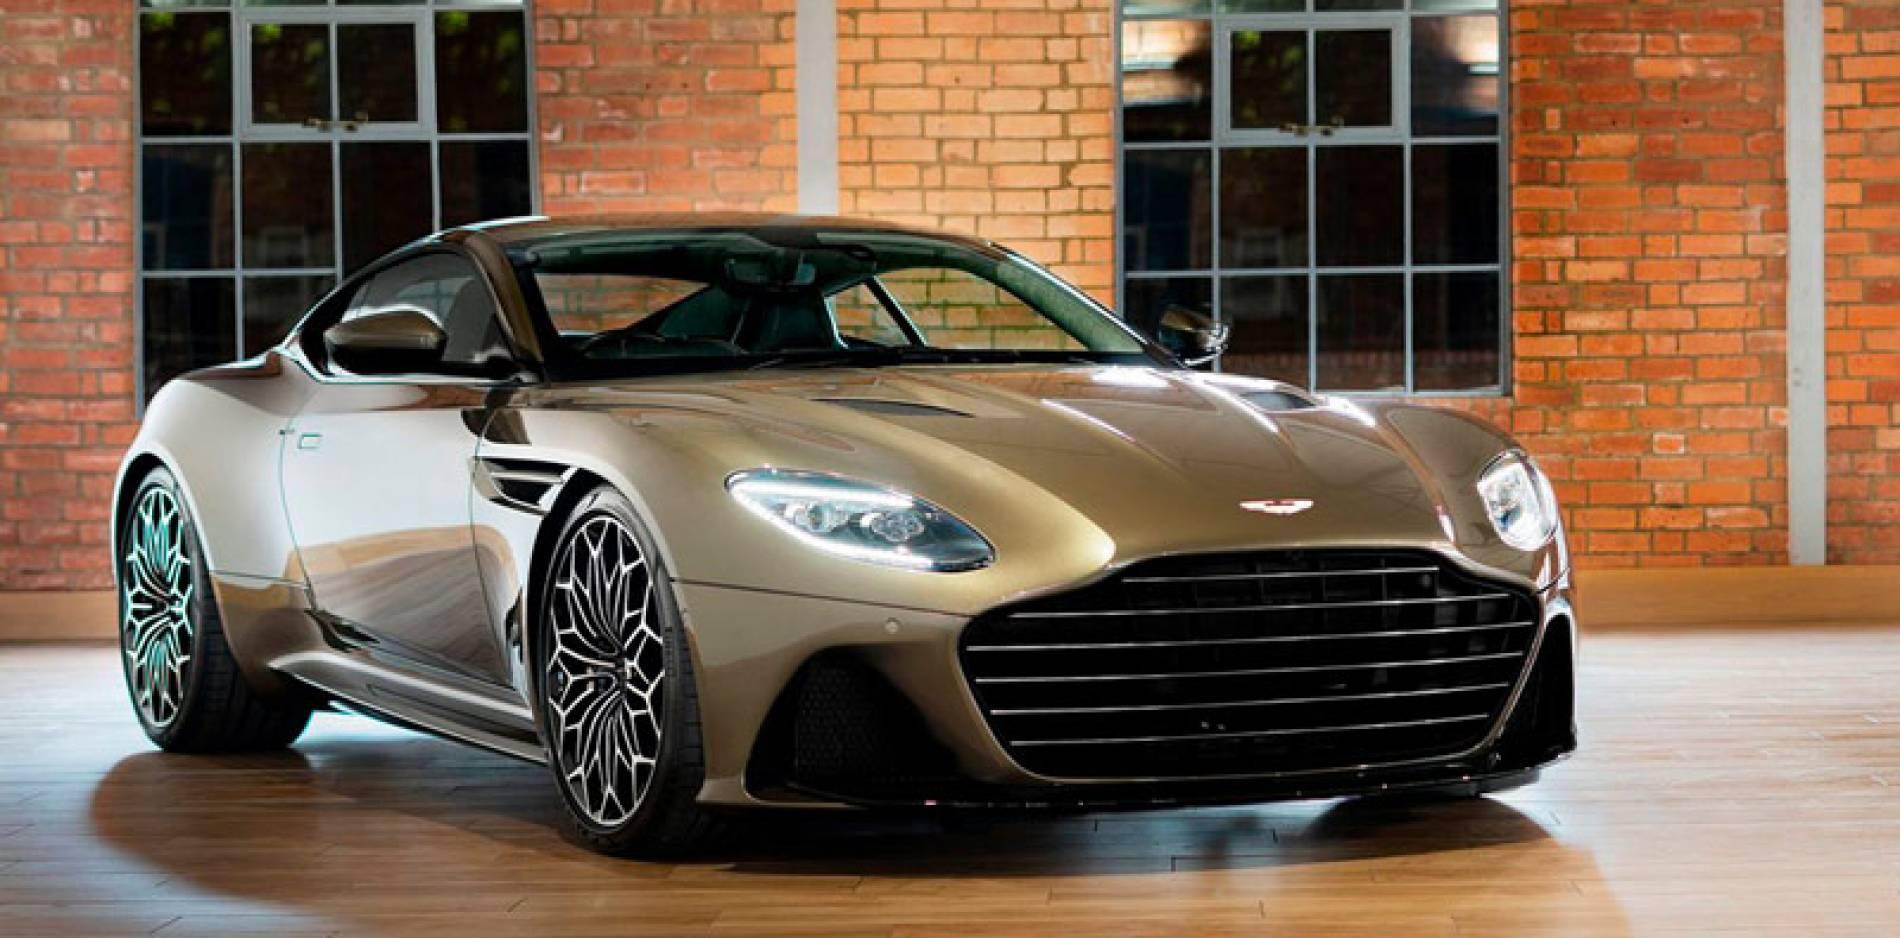 Aston Martin DBS Superleggera OHMSS Edition, versión especial al servicio de Su Majestad